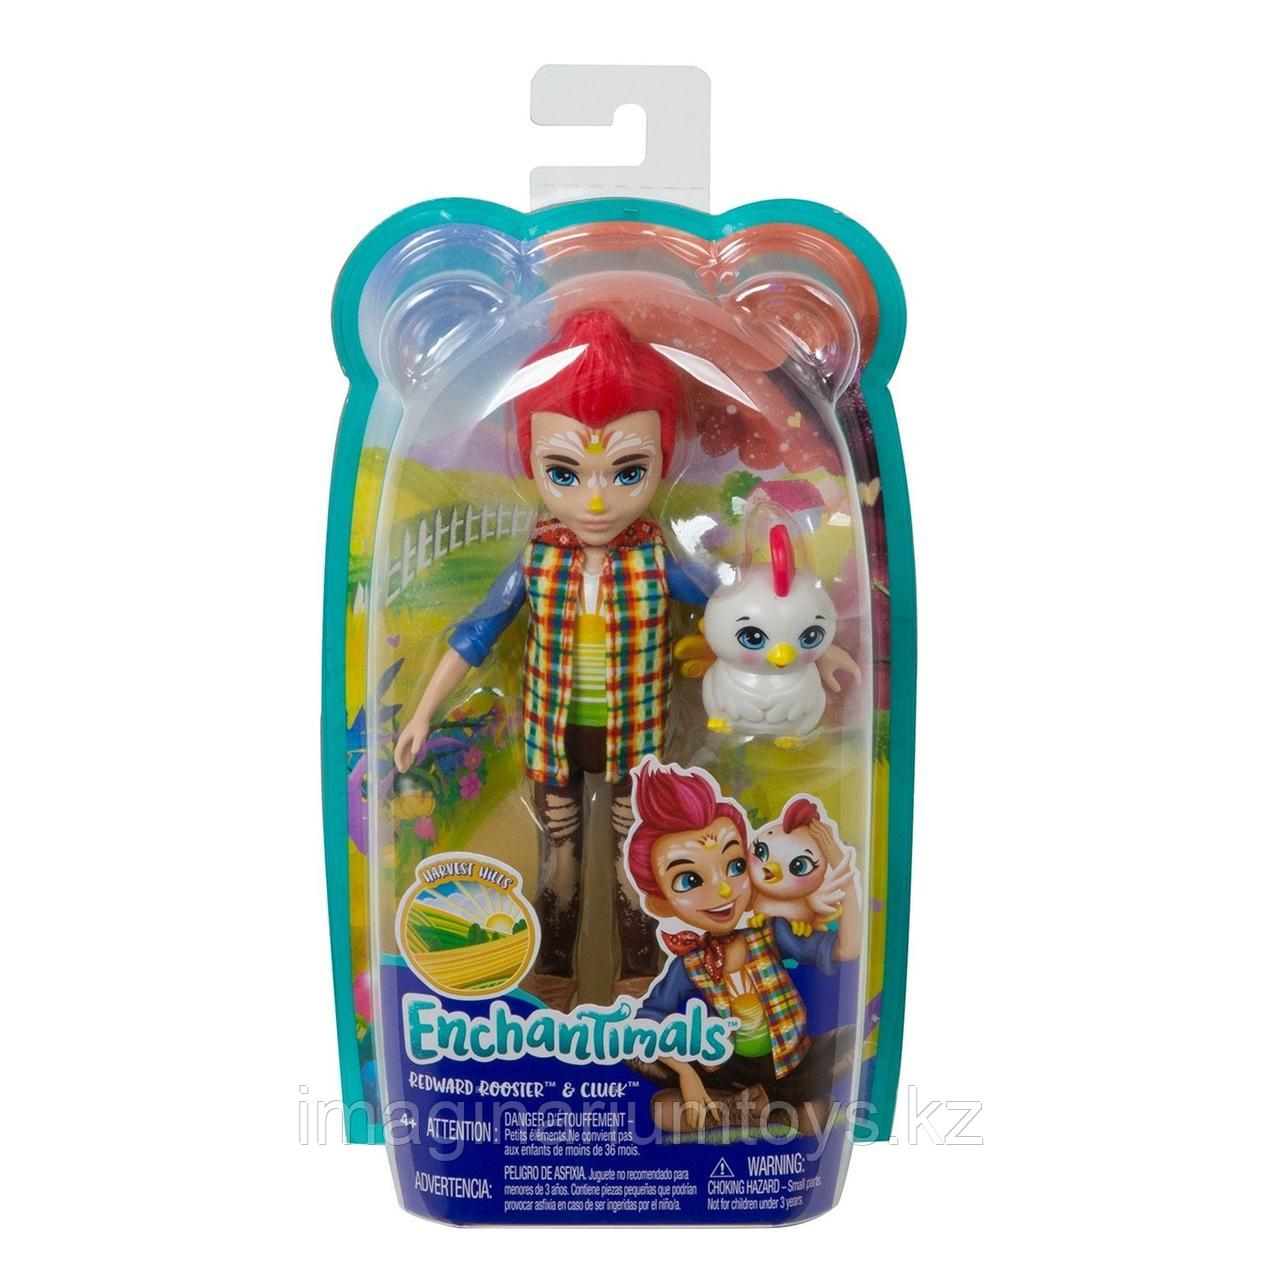 Кукла Enchantimals мальчик петушок Ривод Рустер и Клак - фото 4